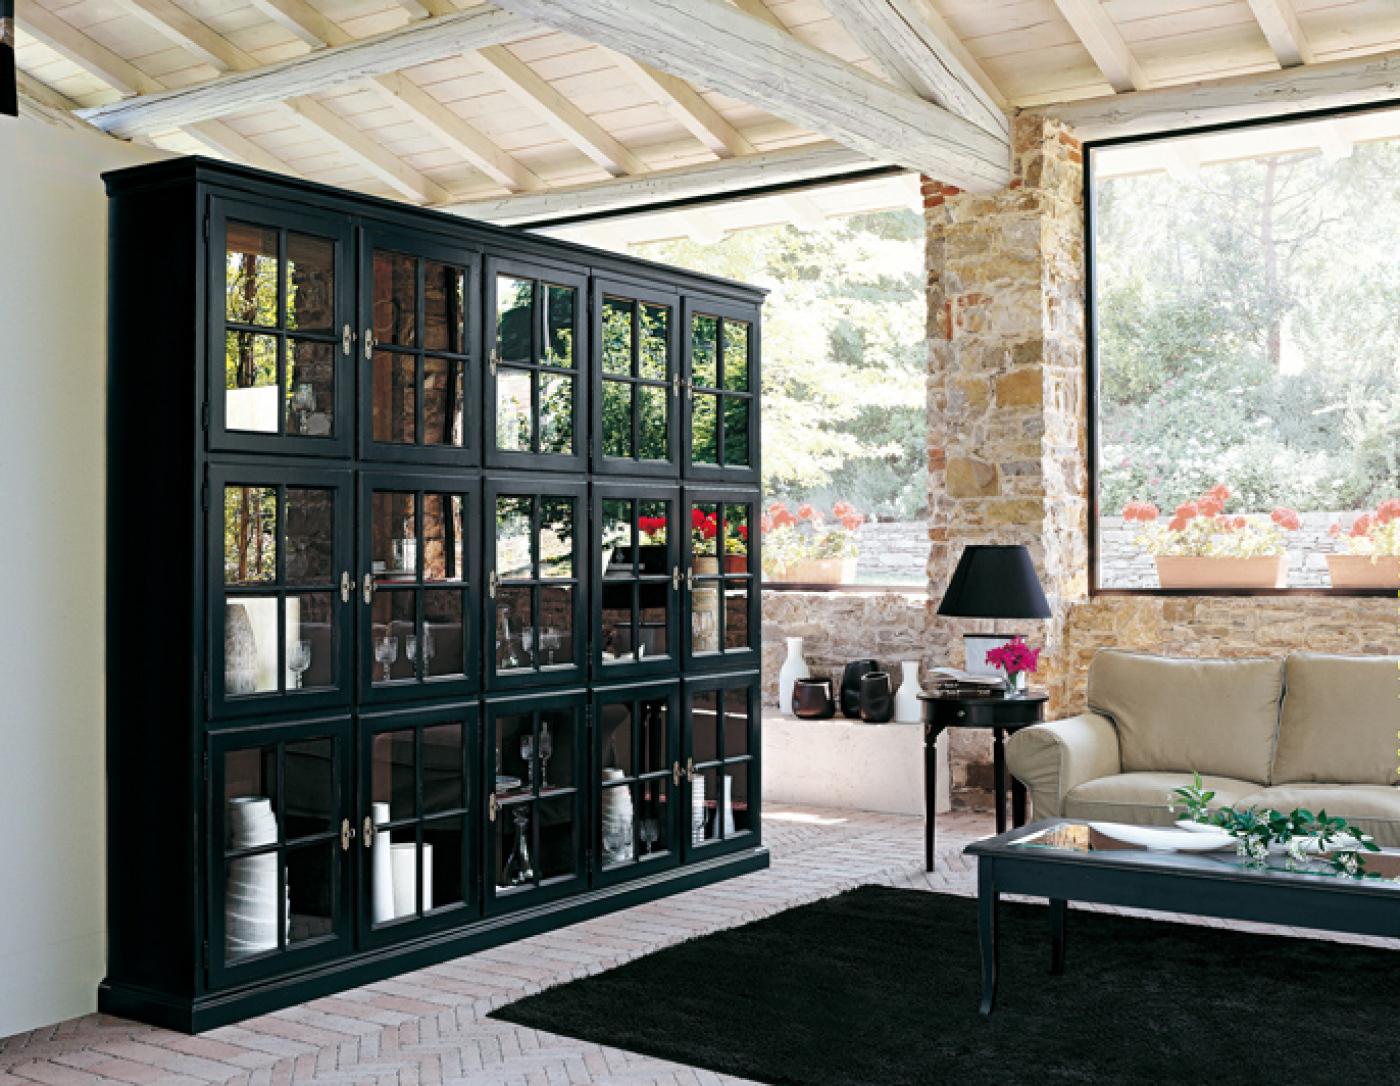 Beautiful Soggiorno A Creta Gallery - Design Trends 2017 - shopmakers.us